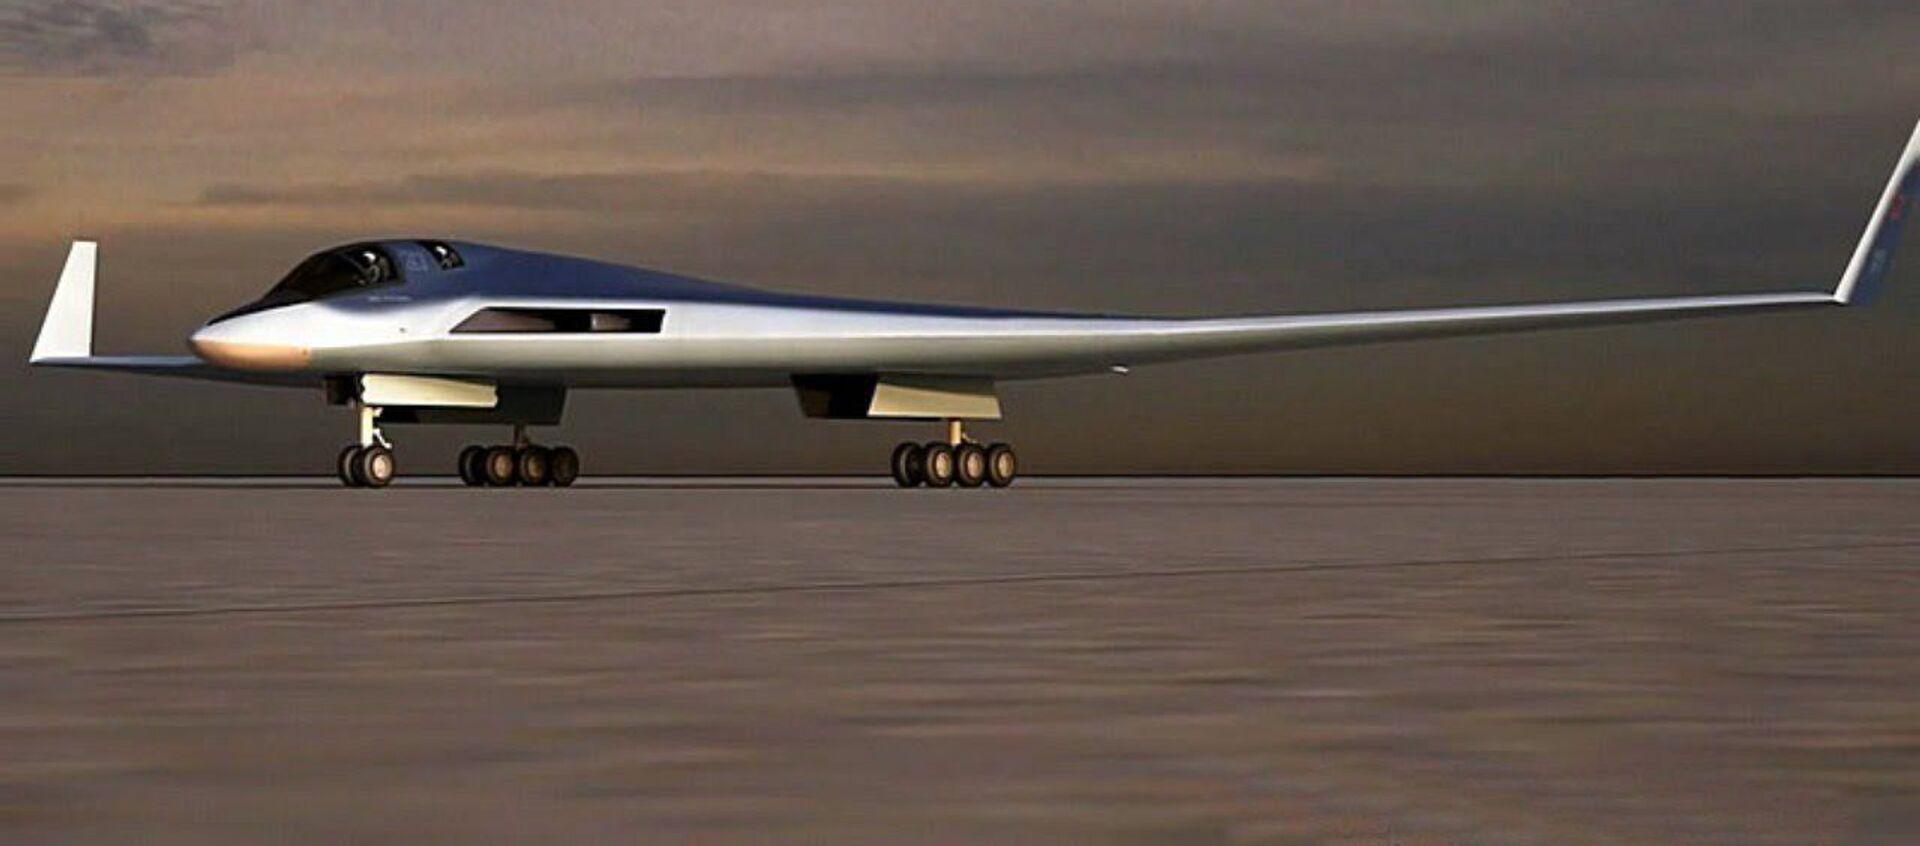 Phác thảo tổ hợp hàng không tầm xa đầy hứa hẹn (PAK DA hay còn gọi là Sản phẩm 80). - Sputnik Việt Nam, 1920, 15.01.2021